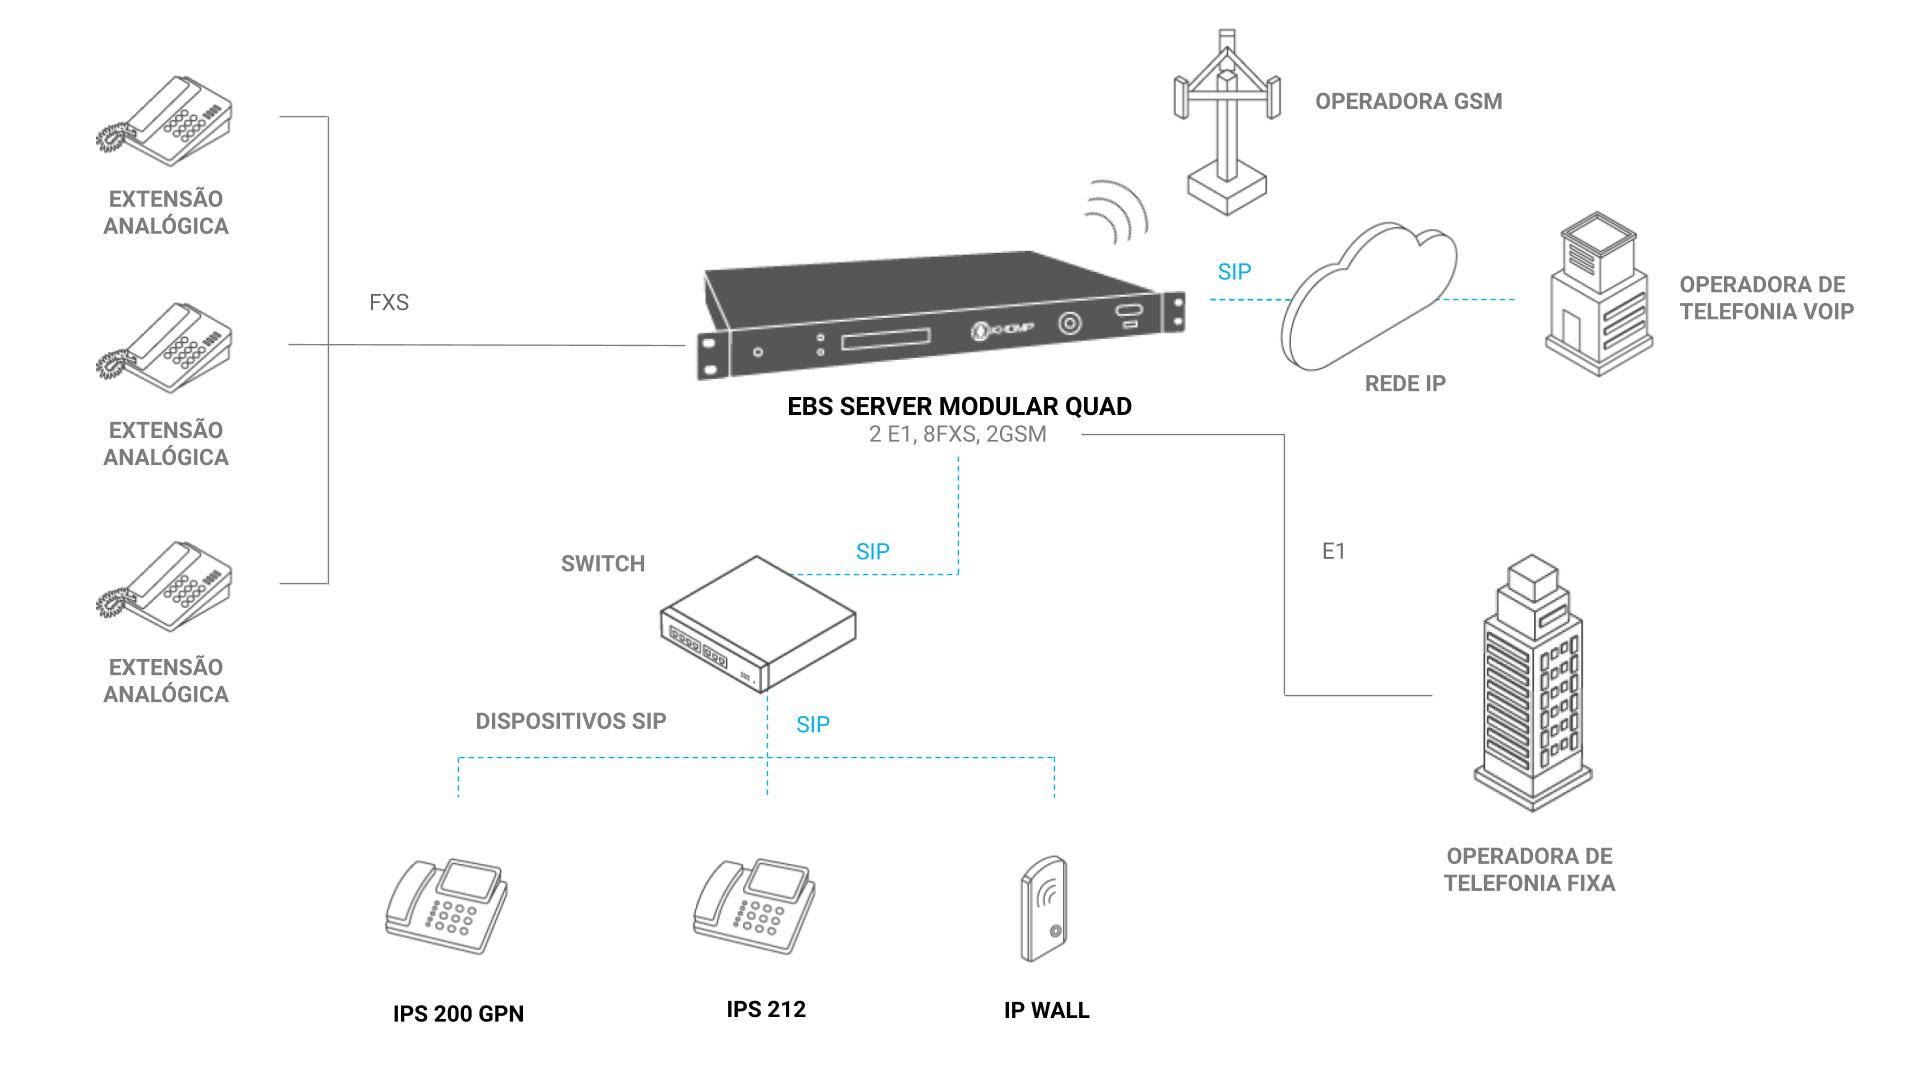 Modelo de Aplicação - EBS Server Modular Quad